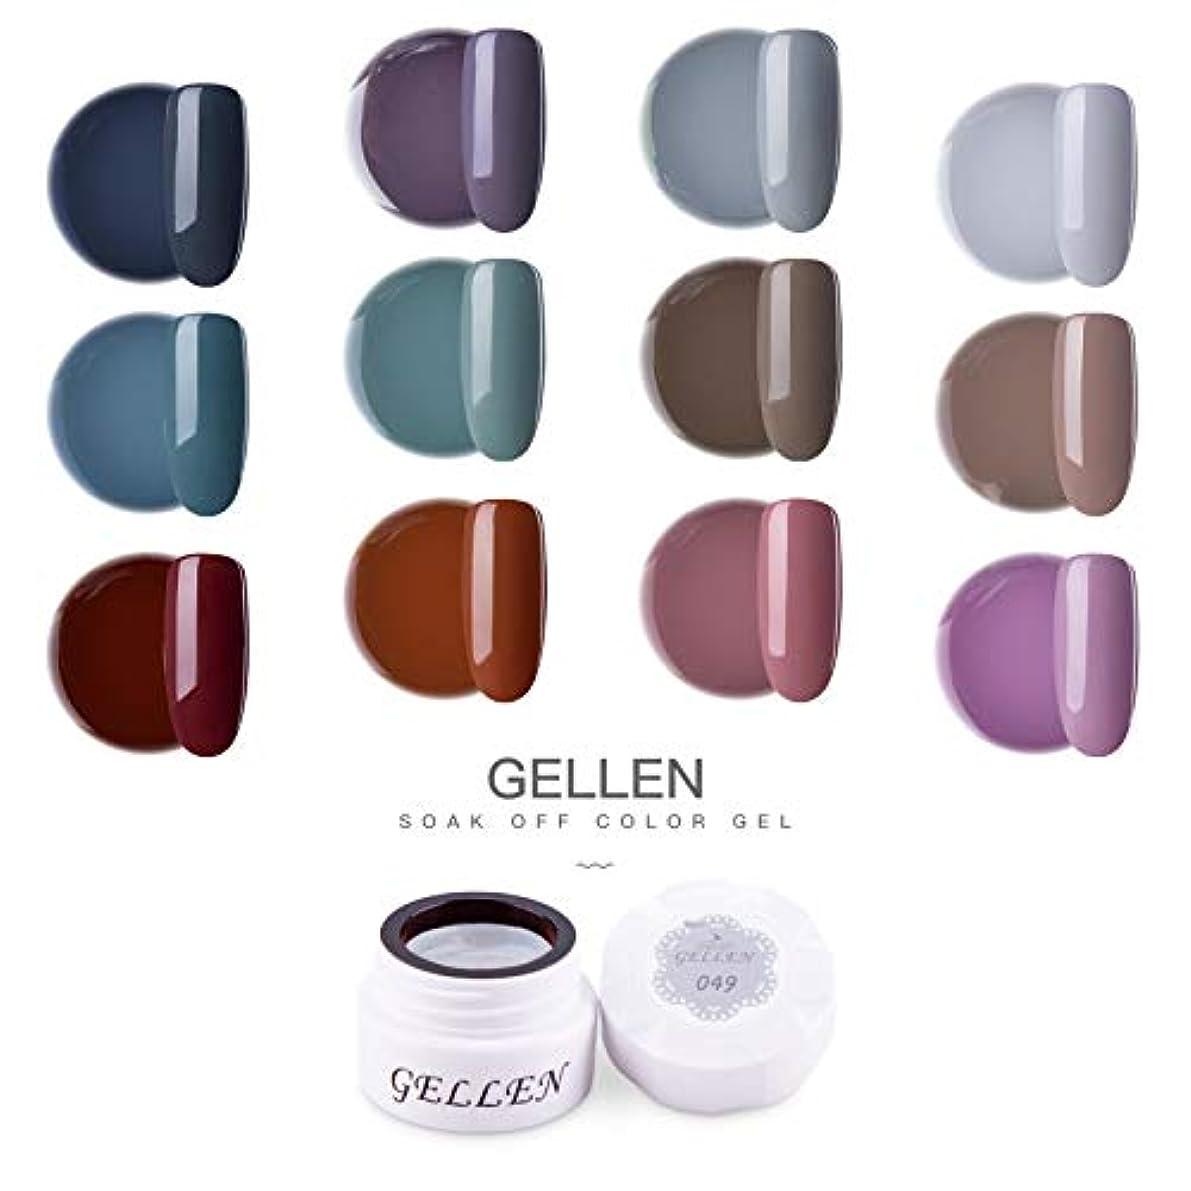 捧げる変換するフラフープGellen カラージェル 12色 セット[クラッシク シリーズ]高品質 5g ジェルネイル カラー ネイルブラシ付き